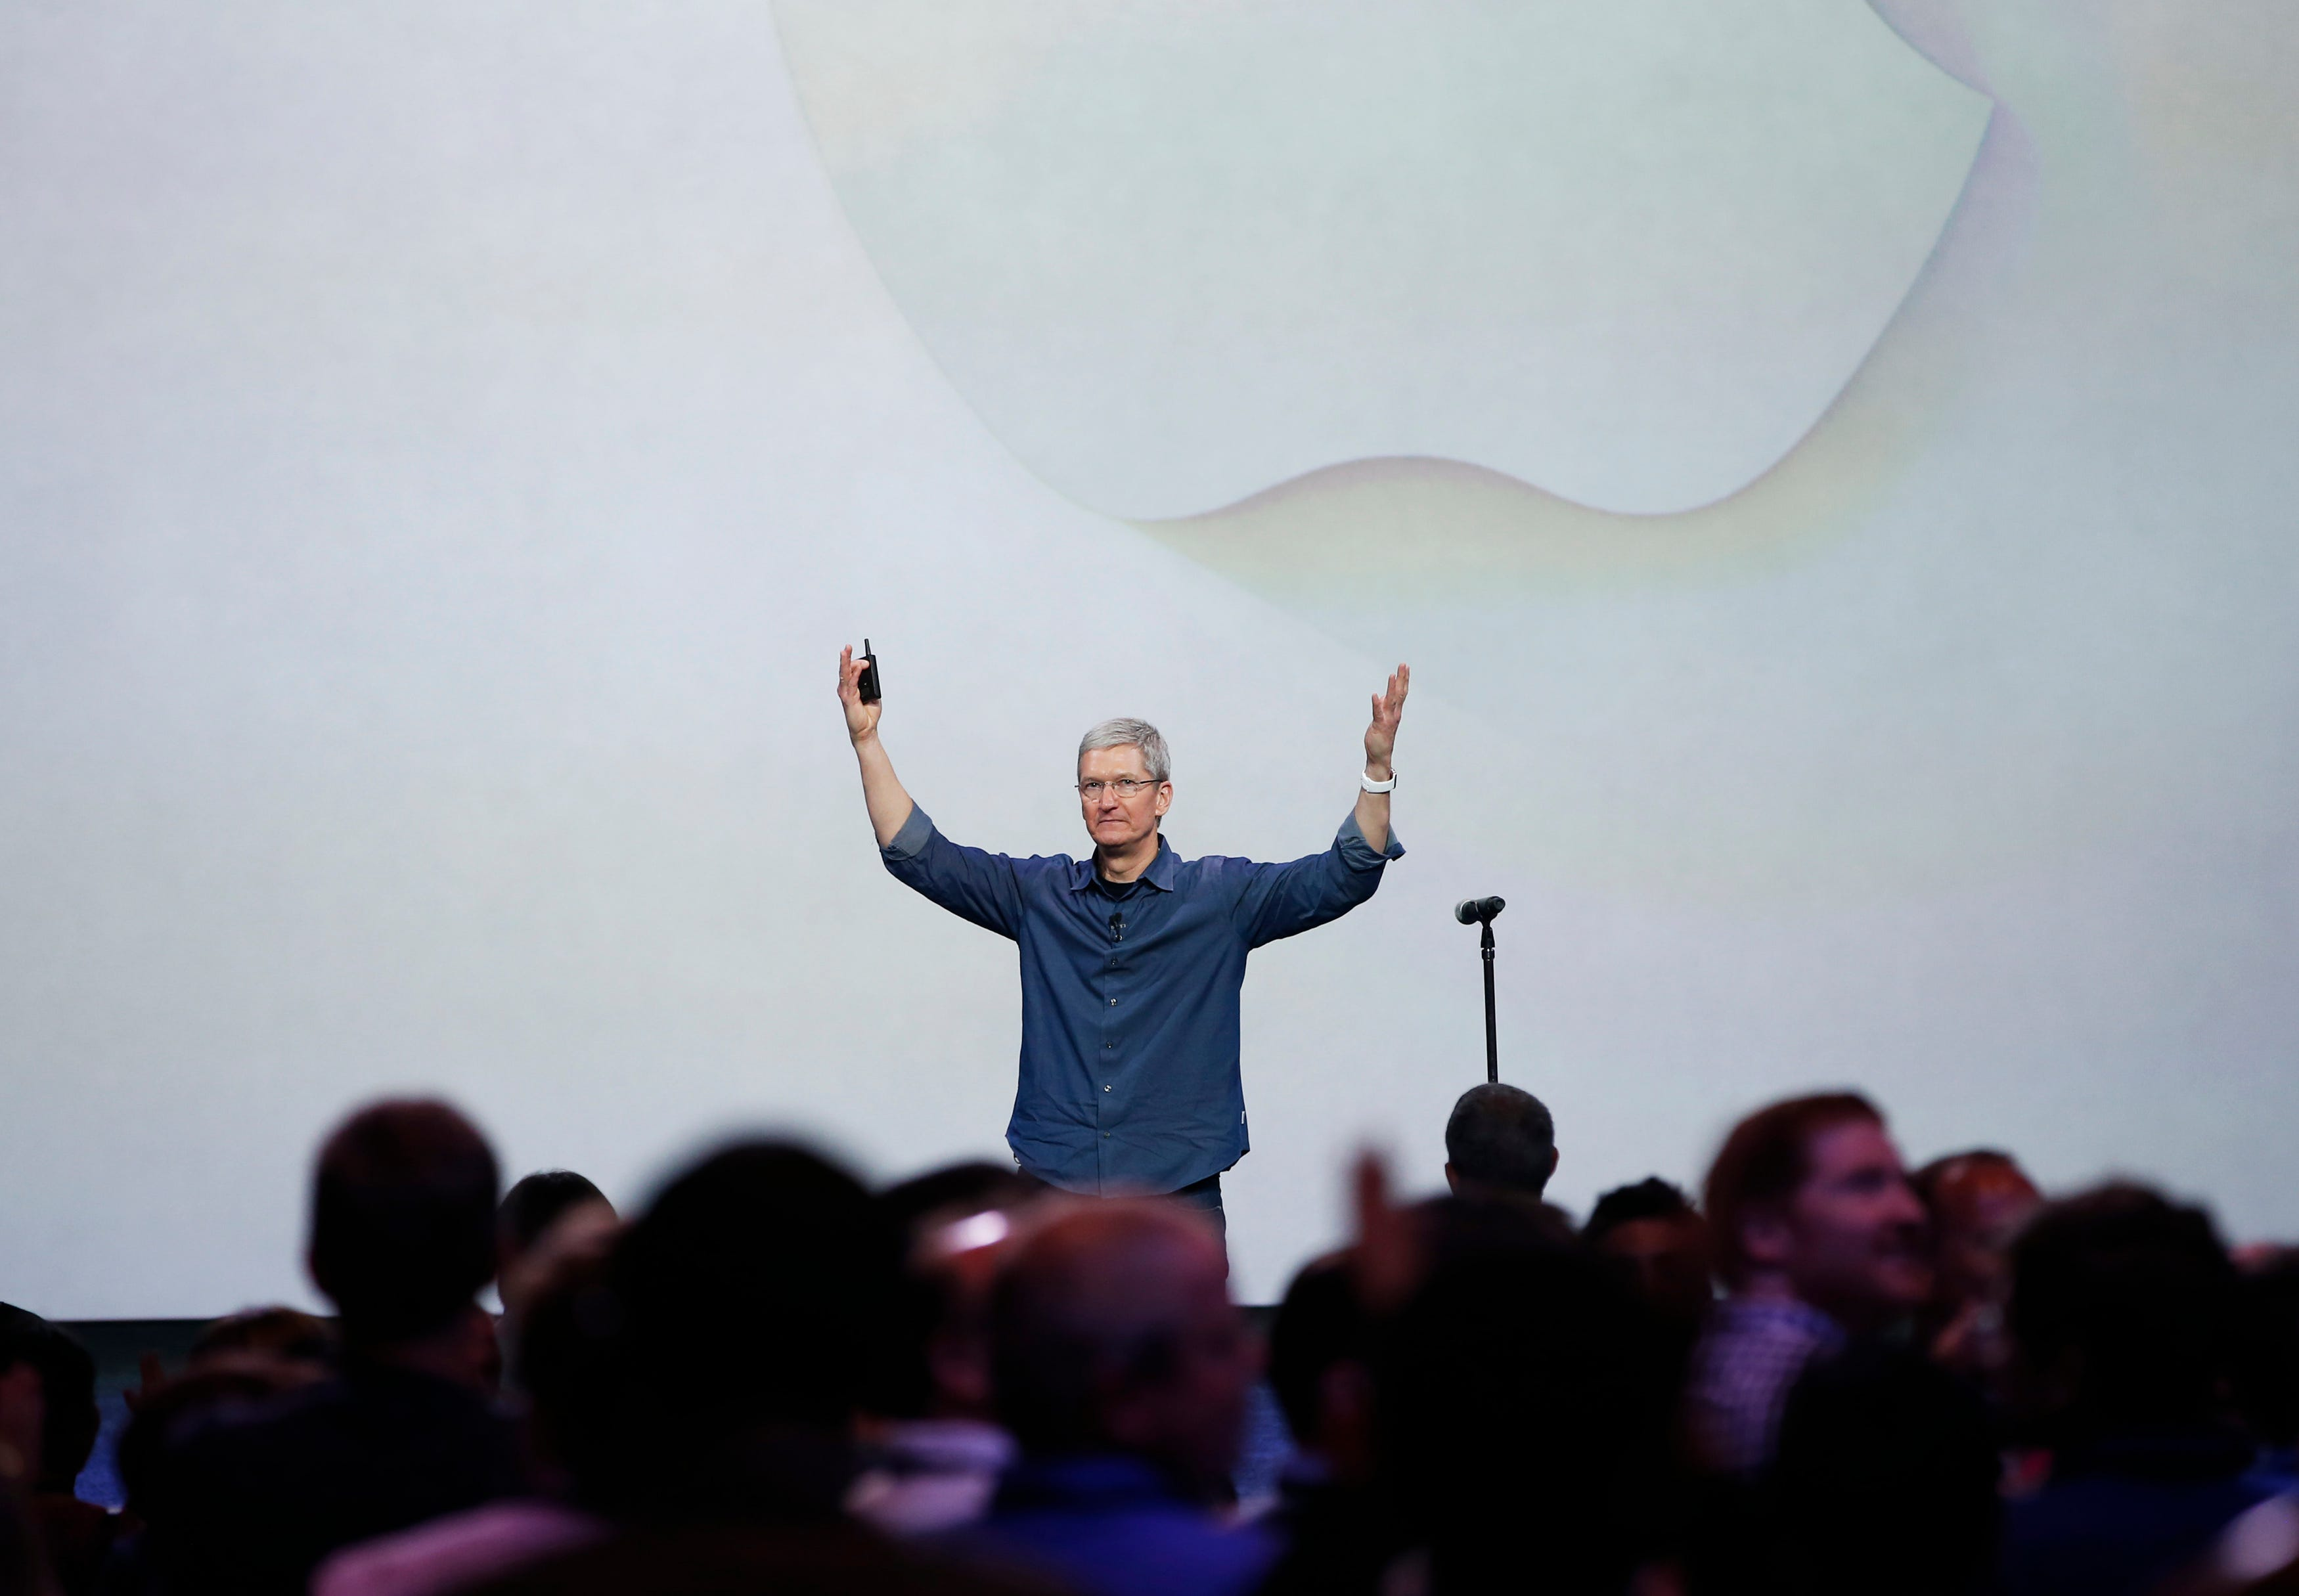 Известный журналист Марк Гурман работающий в издании Bloomberg поделился информацией на предмет того что компания Apple готовится к важному пресс-релизу Сообщается